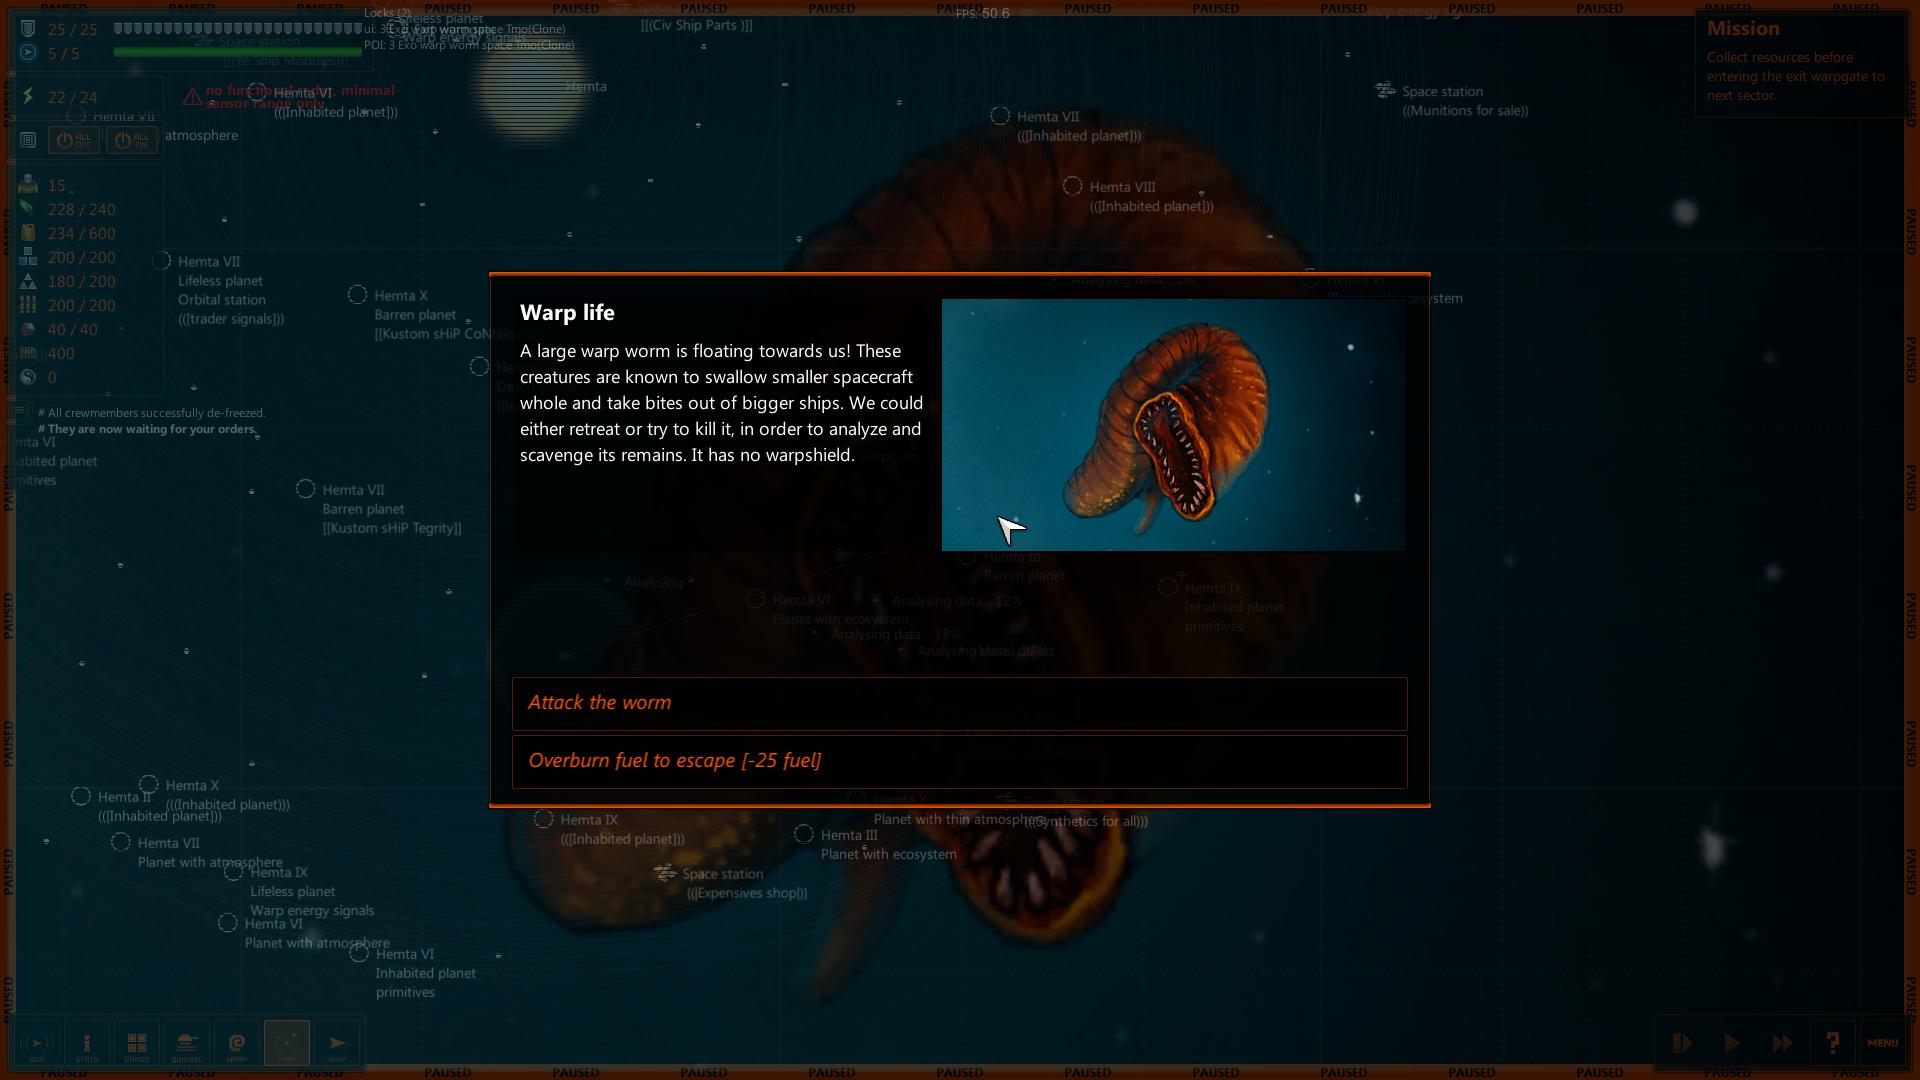 ST-Earth_screenshot28.png